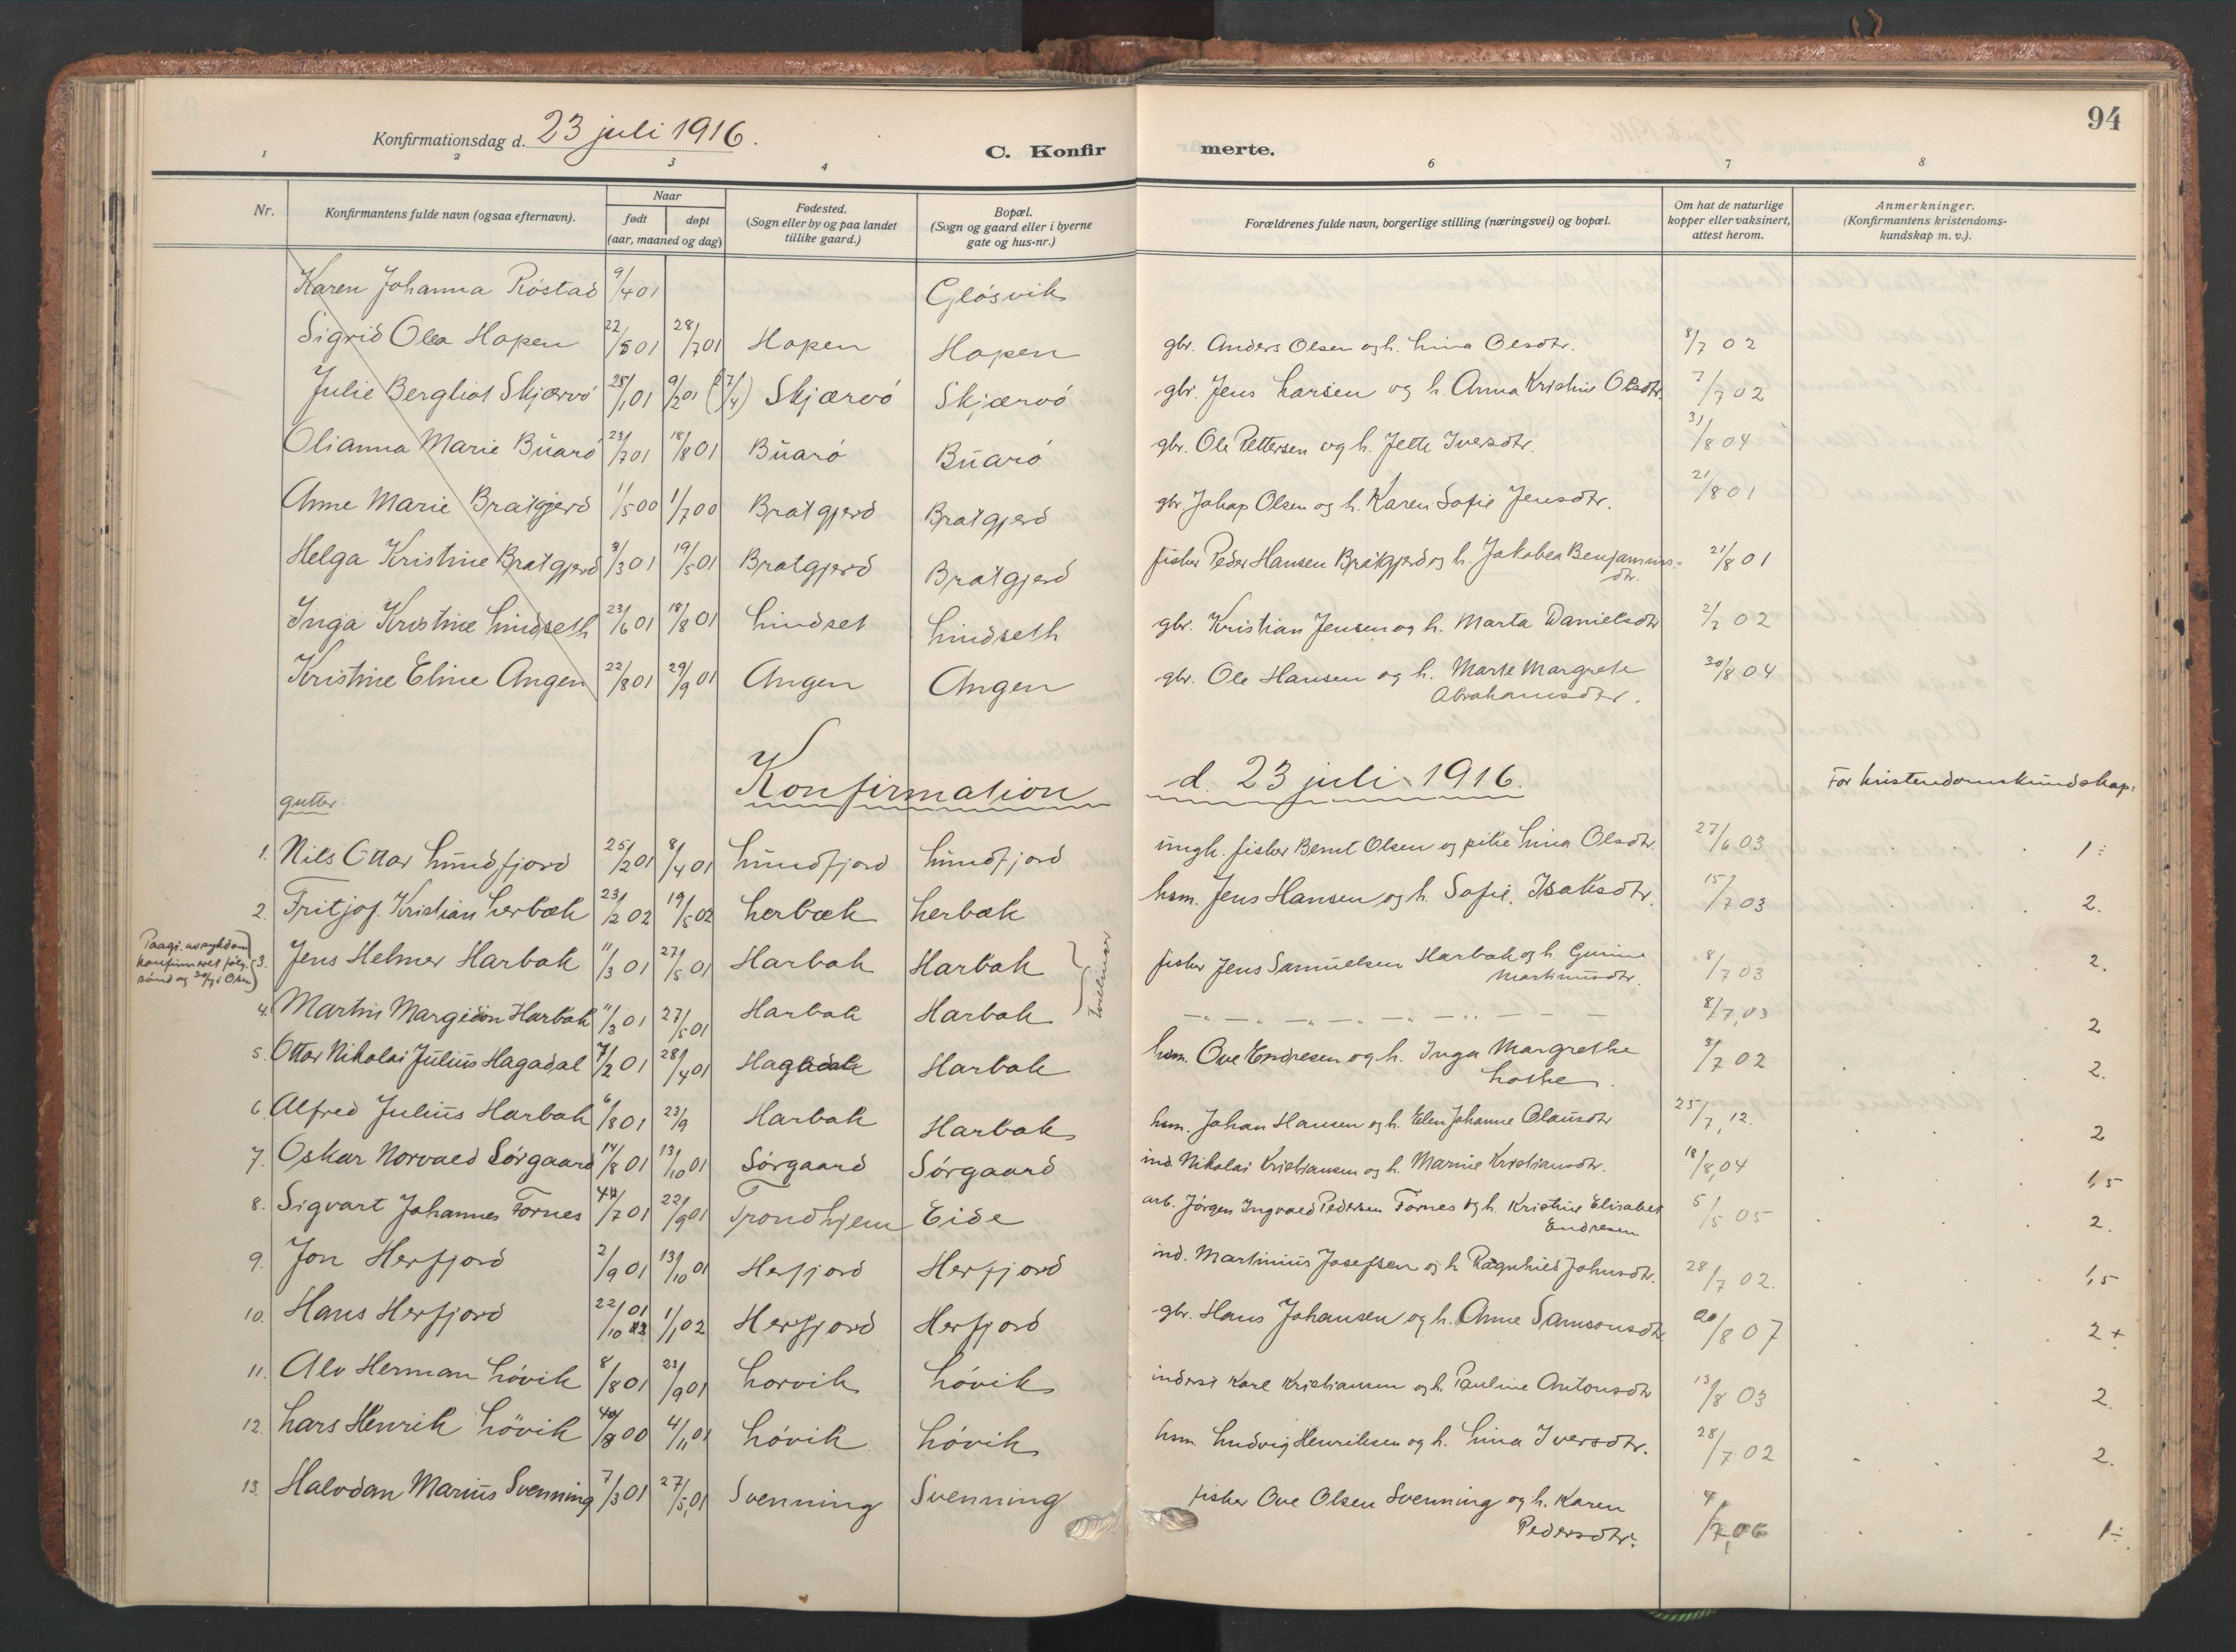 SAT, Ministerialprotokoller, klokkerbøker og fødselsregistre - Sør-Trøndelag, 656/L0694: Ministerialbok nr. 656A03, 1914-1931, s. 94